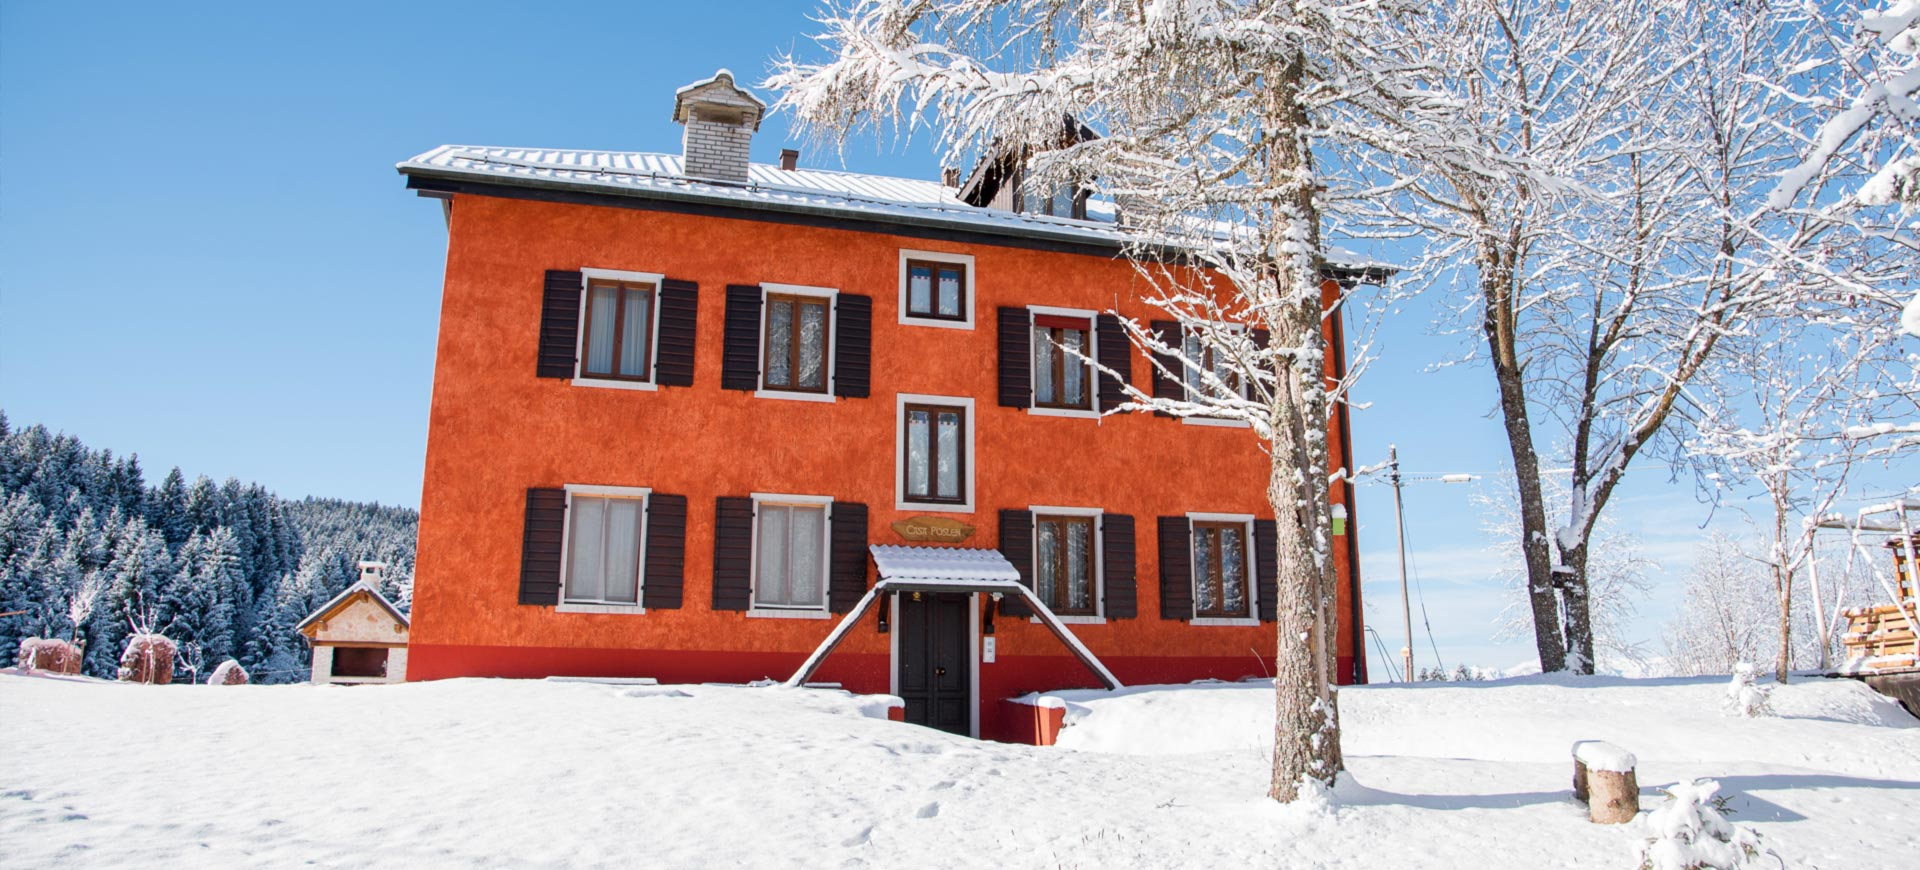 Casa poslen asiago appartamenti per ferie e vacanze sull for Appartamenti in affitto asiago agosto